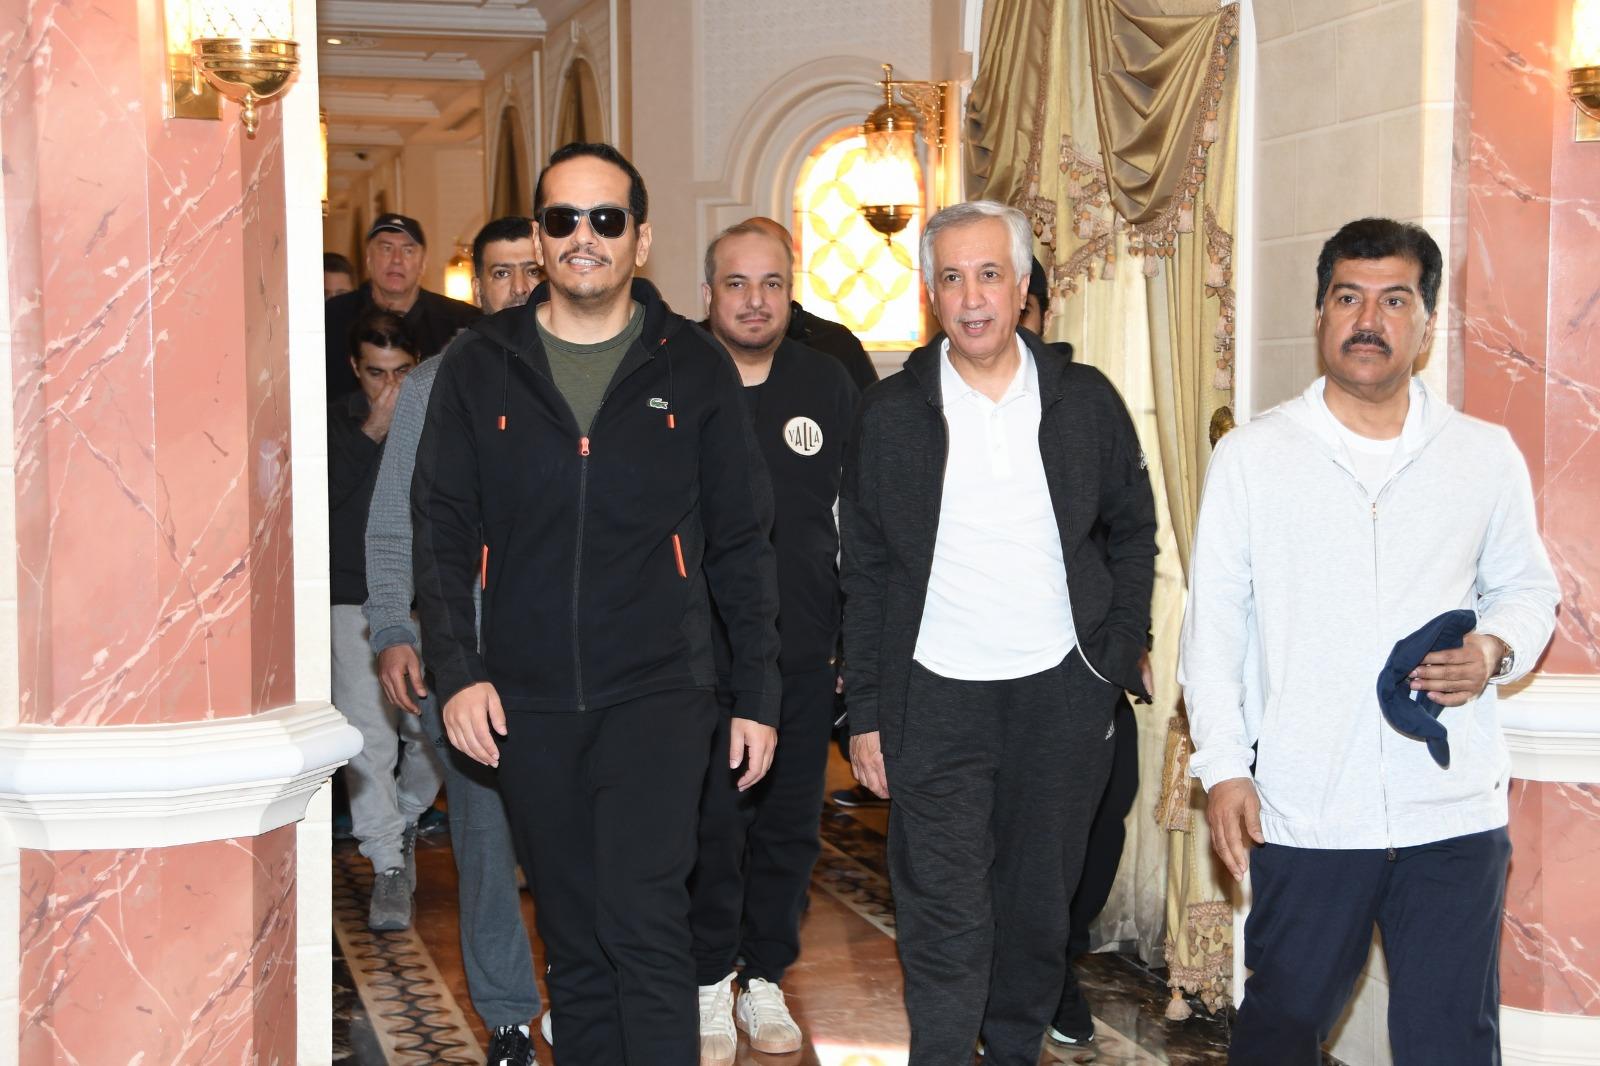 وزارة الخارجية تنظم عددا من الفعاليات بمناسبة اليوم الرياضي للدولة